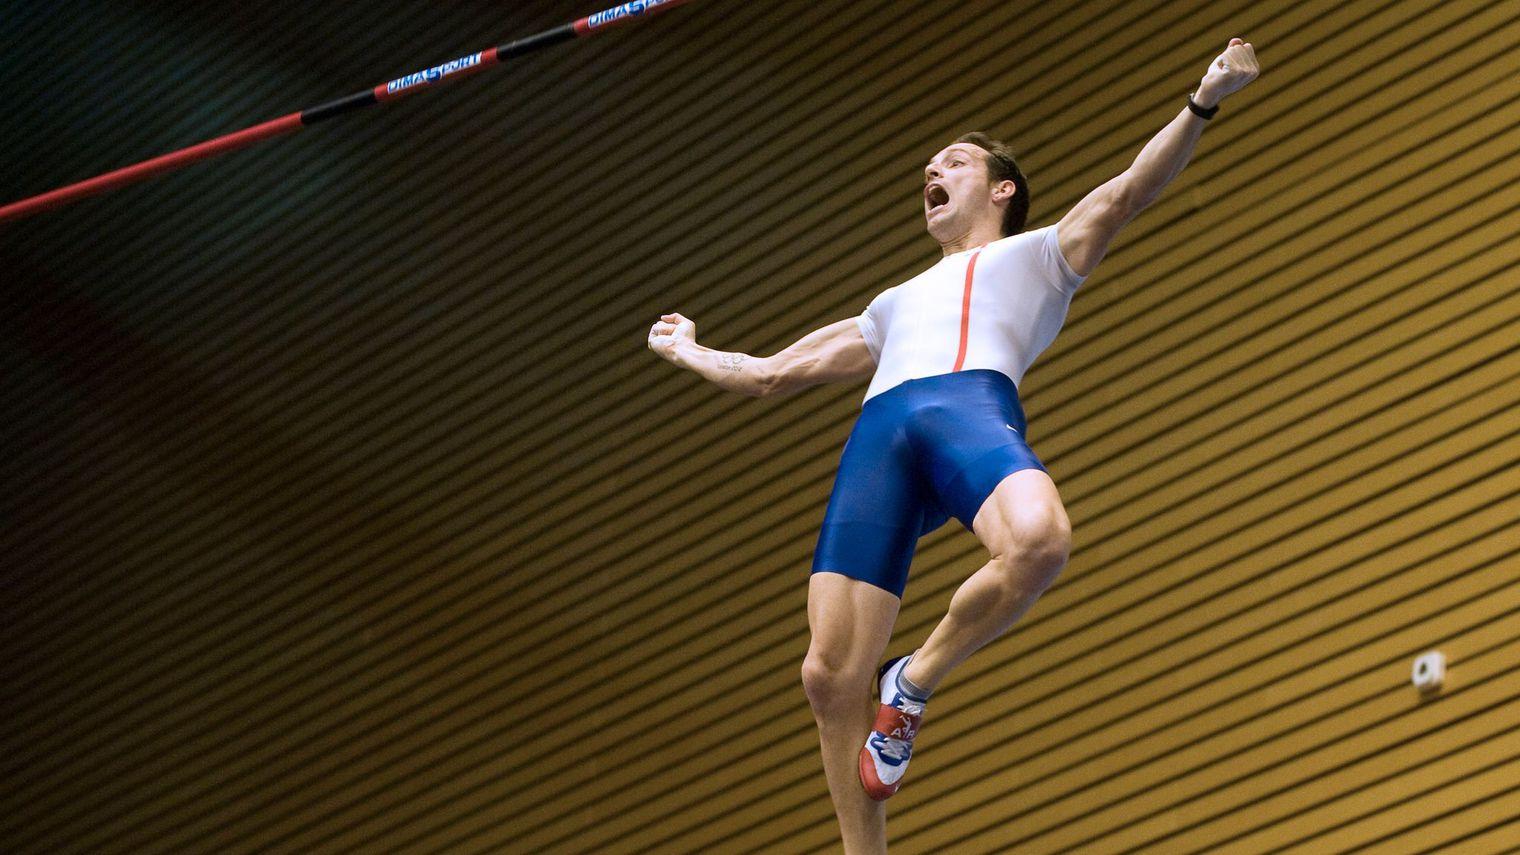 Les plus grands athlètes mondiaux se donnent rendez-vous aux Championnats du monde d'athlétisme en salle